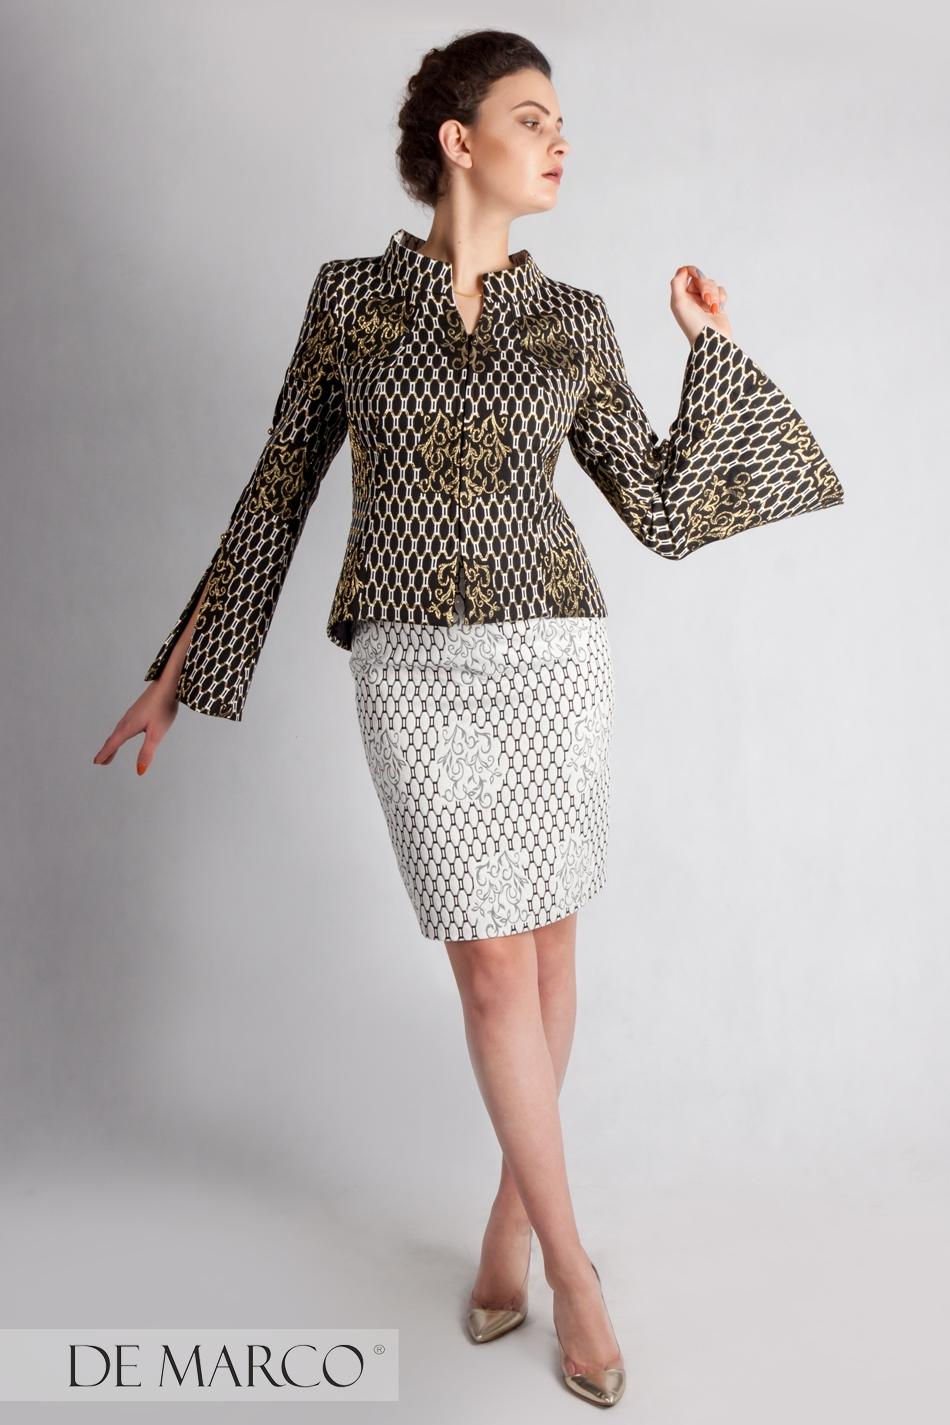 e83c127410 Najpiękniejszy kostium dla dyrektorki Gizela-Estera. Garsonka szyta na  miarę u projektantki Agaty Dudy ...